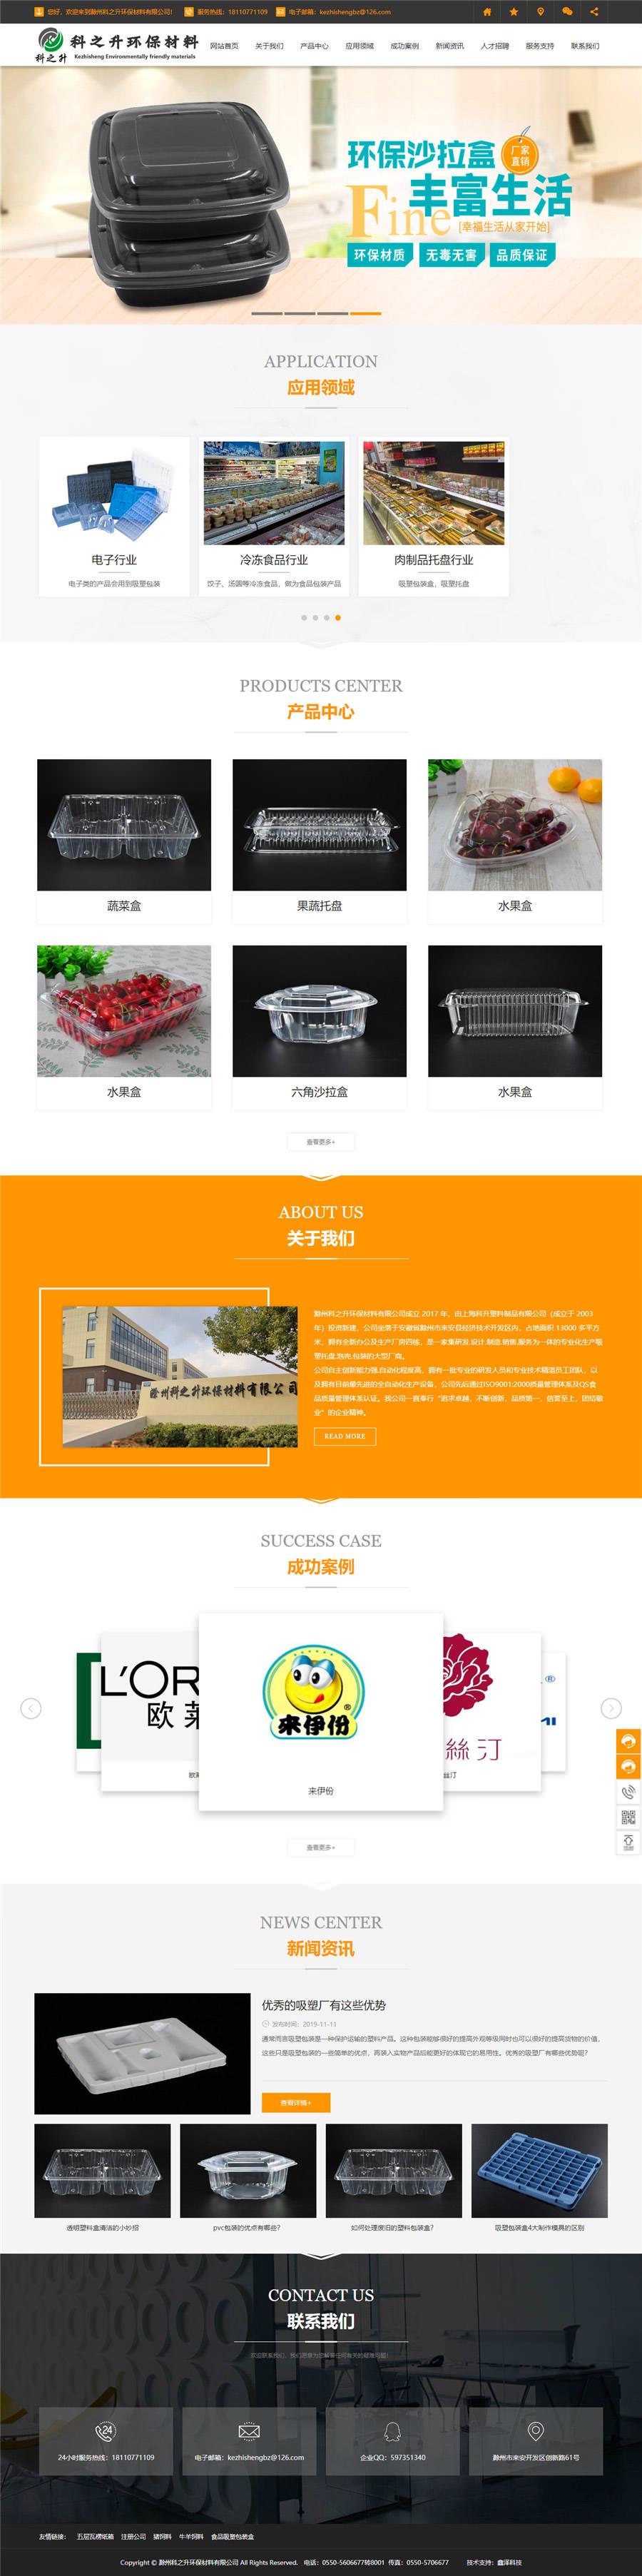 食品塑料包装盒-龙8国际pt科之升环保材料有限公司.jpg